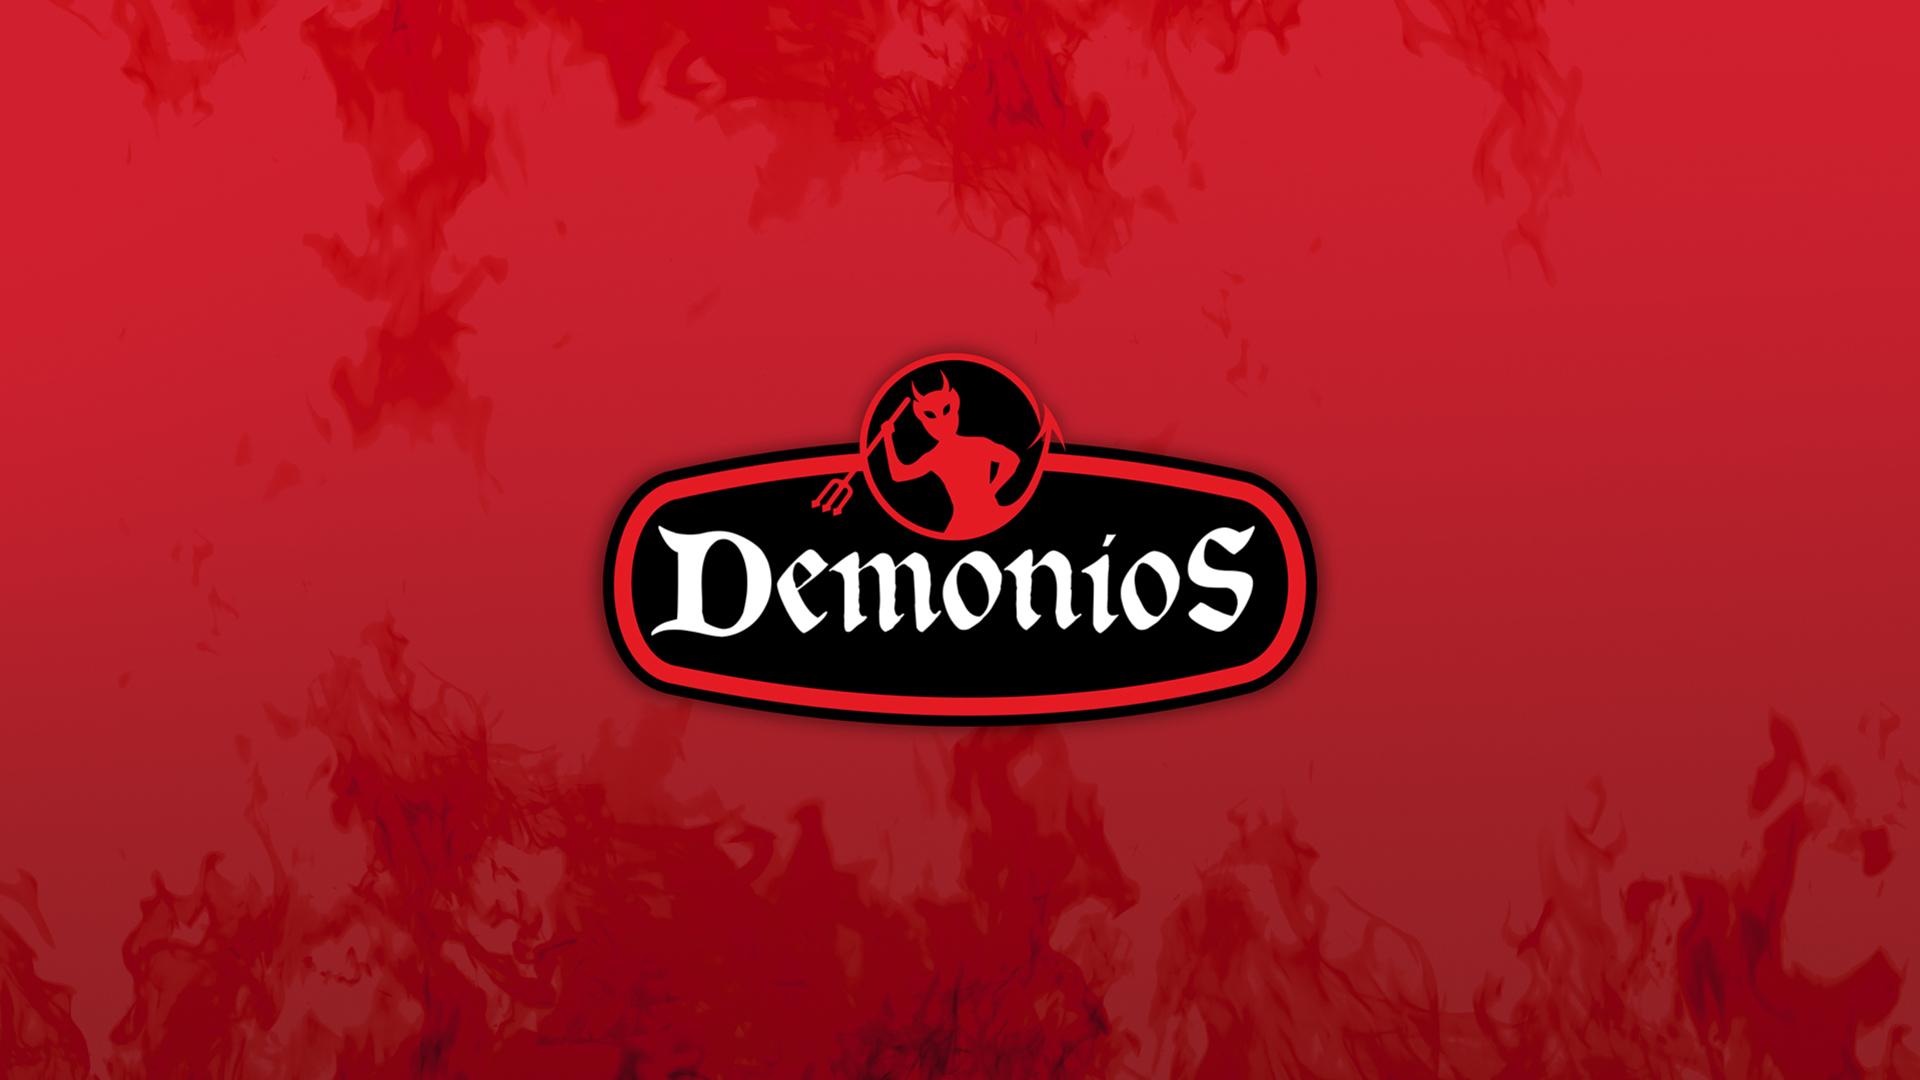 Demonios_Montaje_1